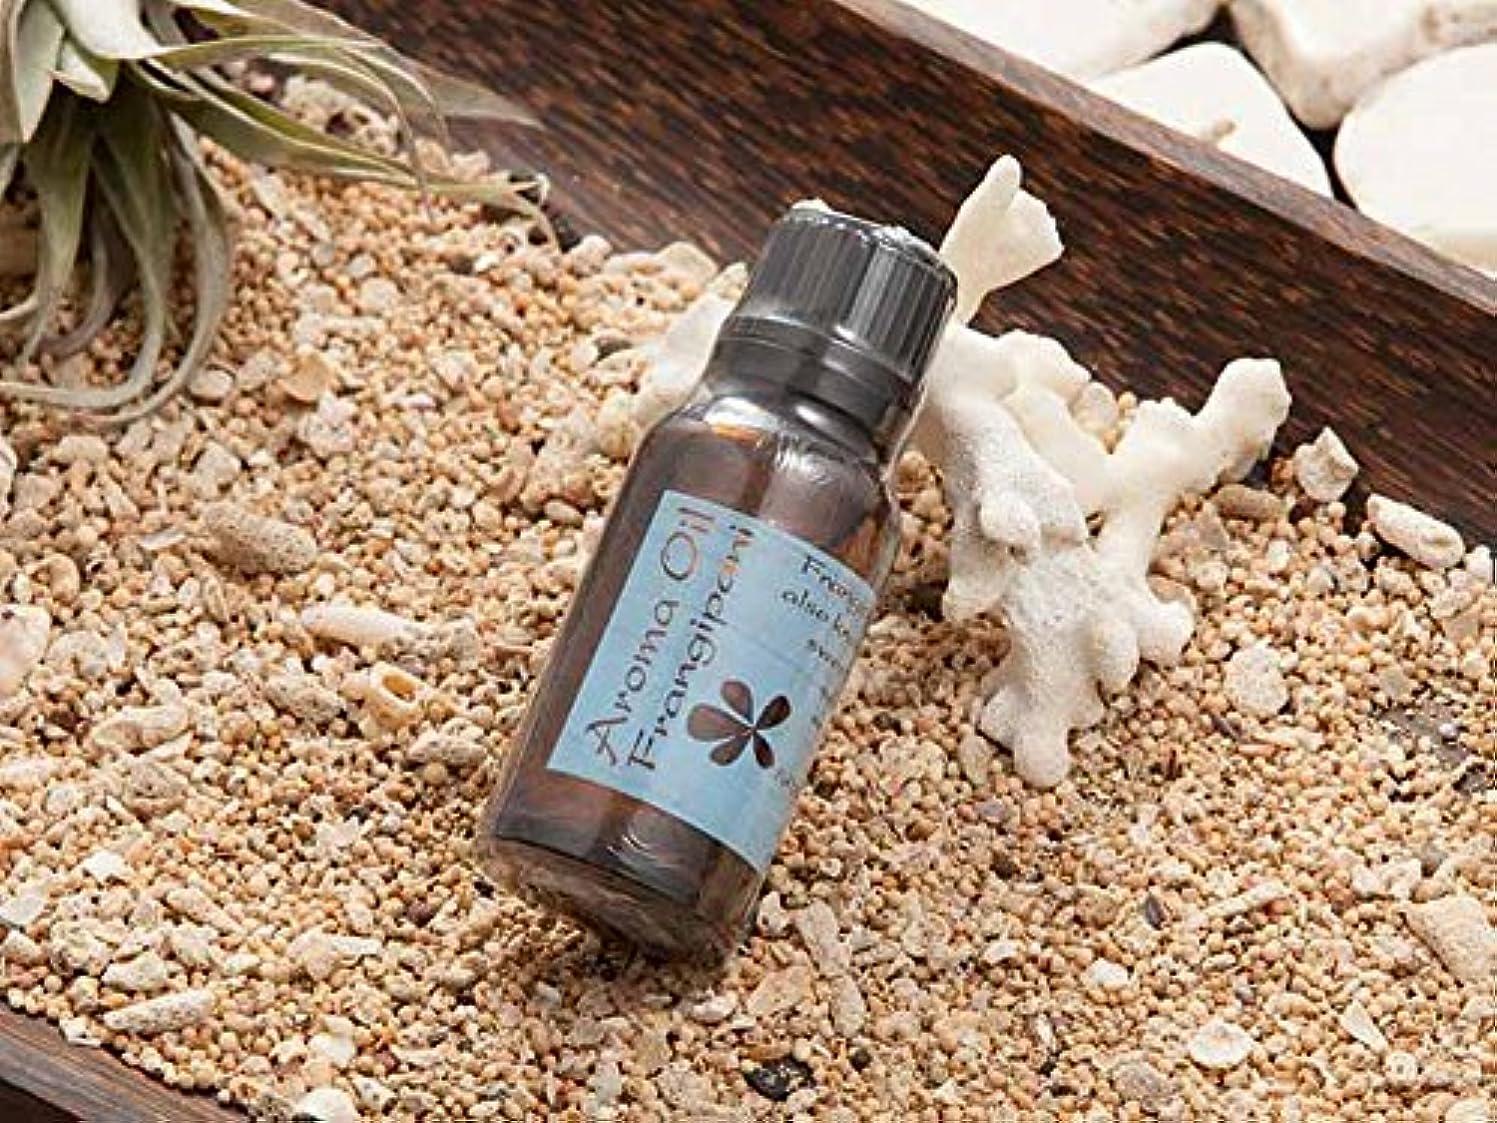 コカインスリチンモイ影響力のある寛ぎのひと時にアジアンな癒しの香りを アロマフレグランスオイル 5種の香り (アラムセンポールALAM ZEMPOL) (Frangipani フランジパニ)